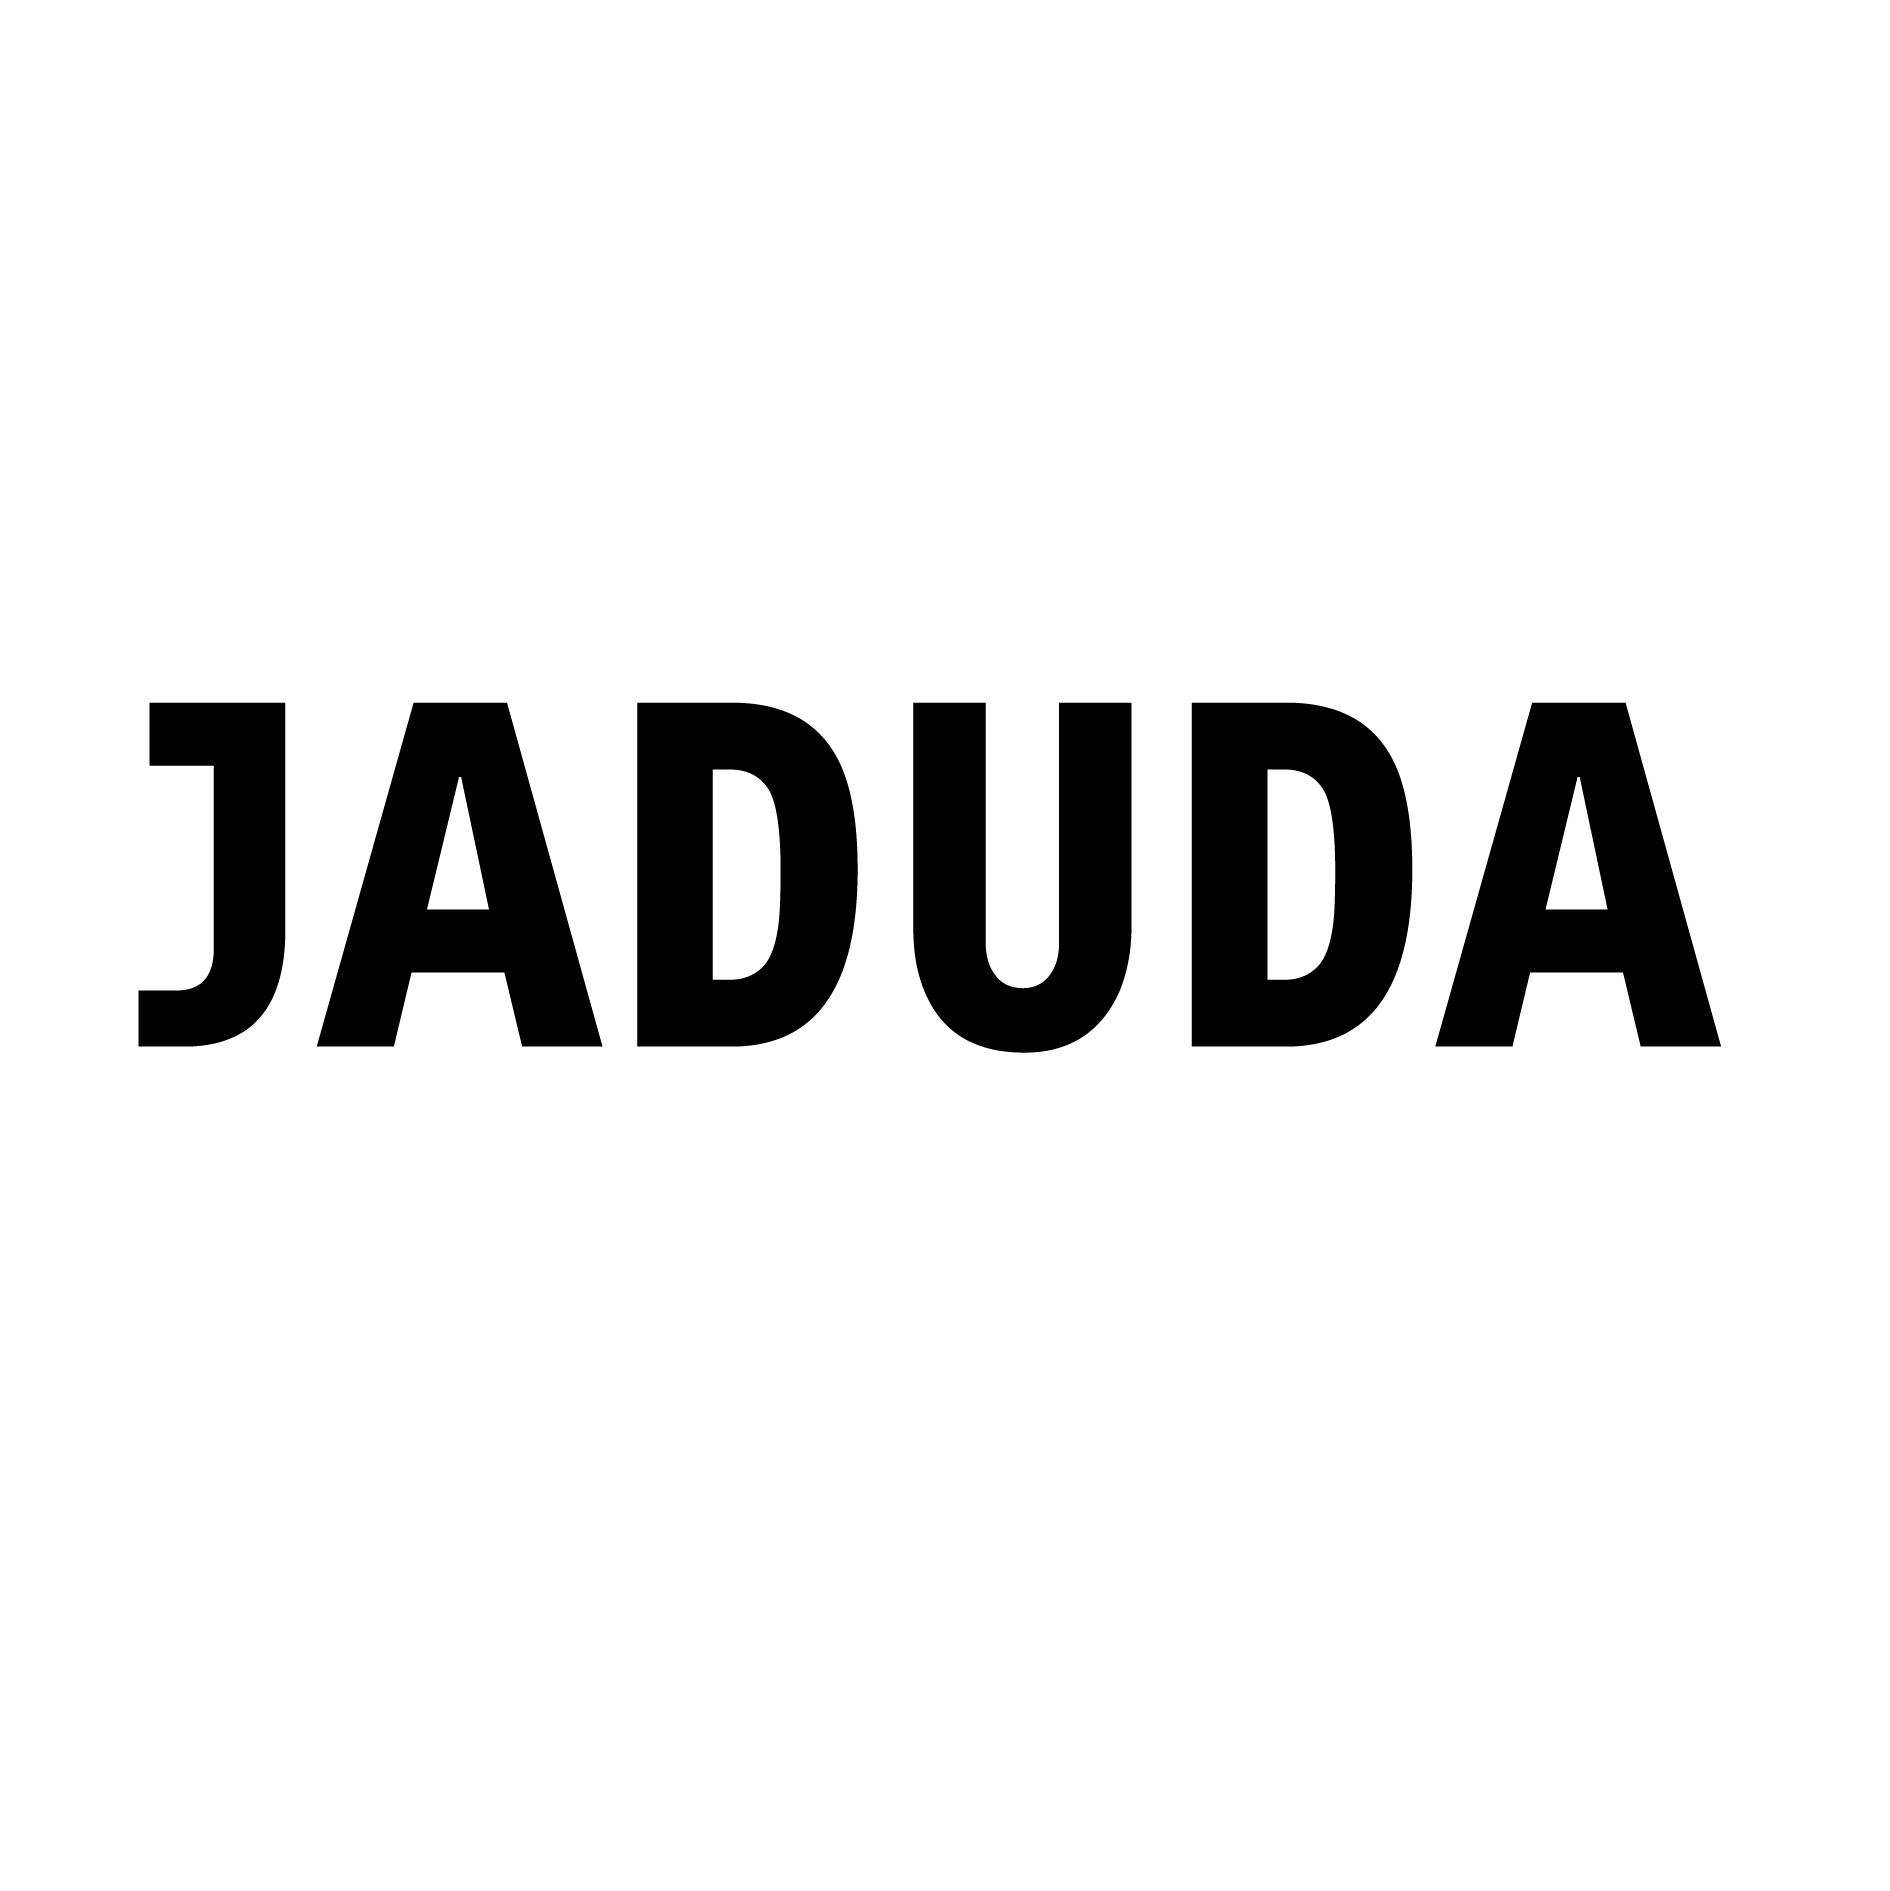 JADUDA